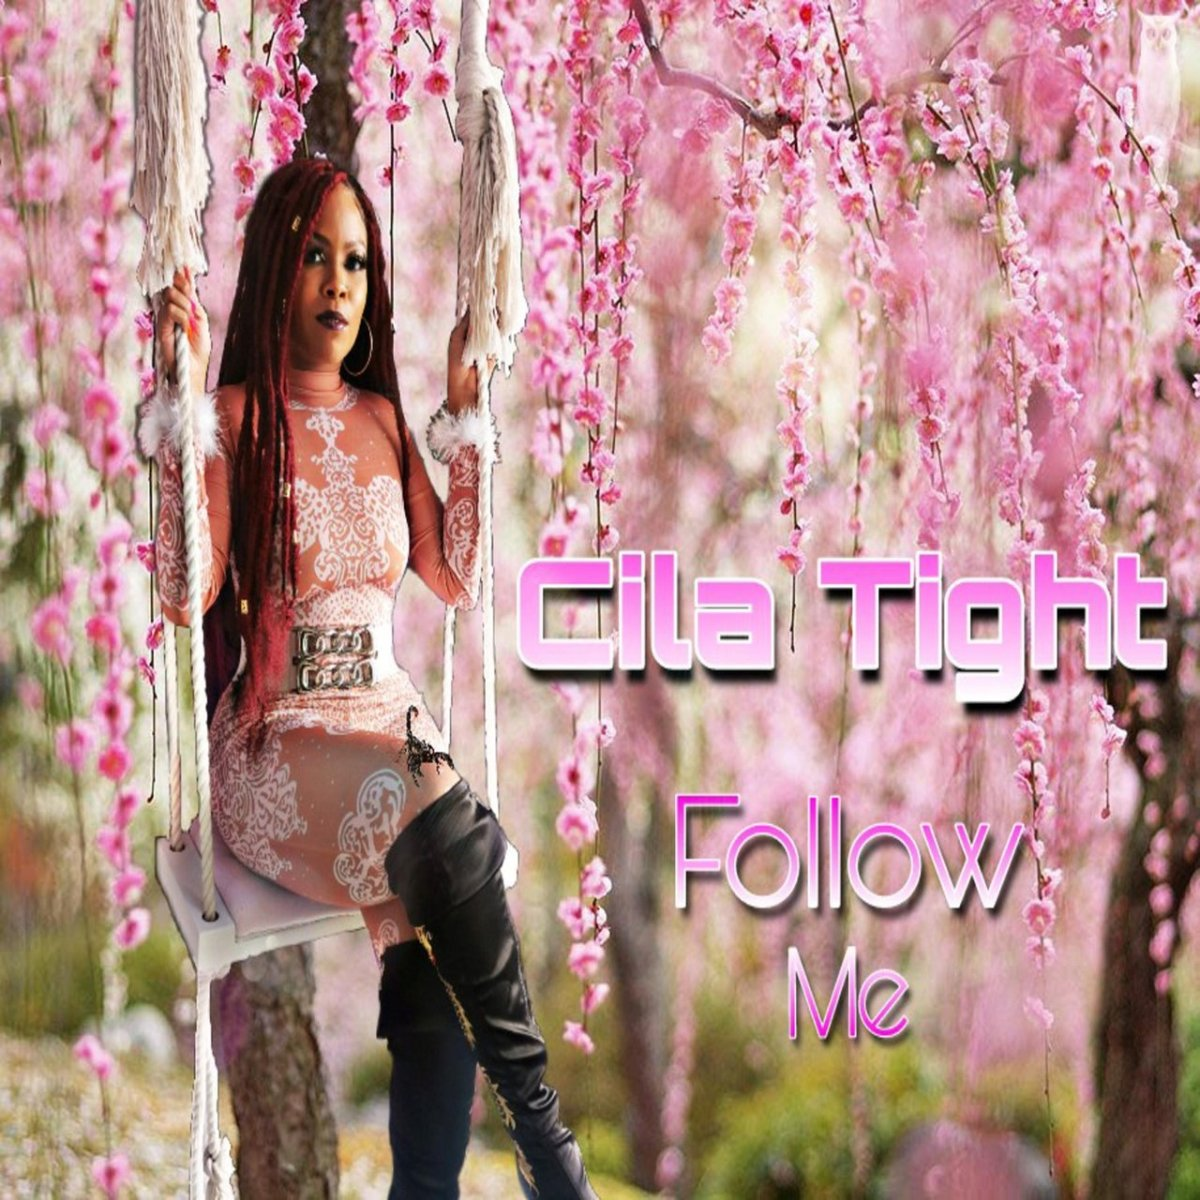 Cila Tight - Follow Me (Cover)